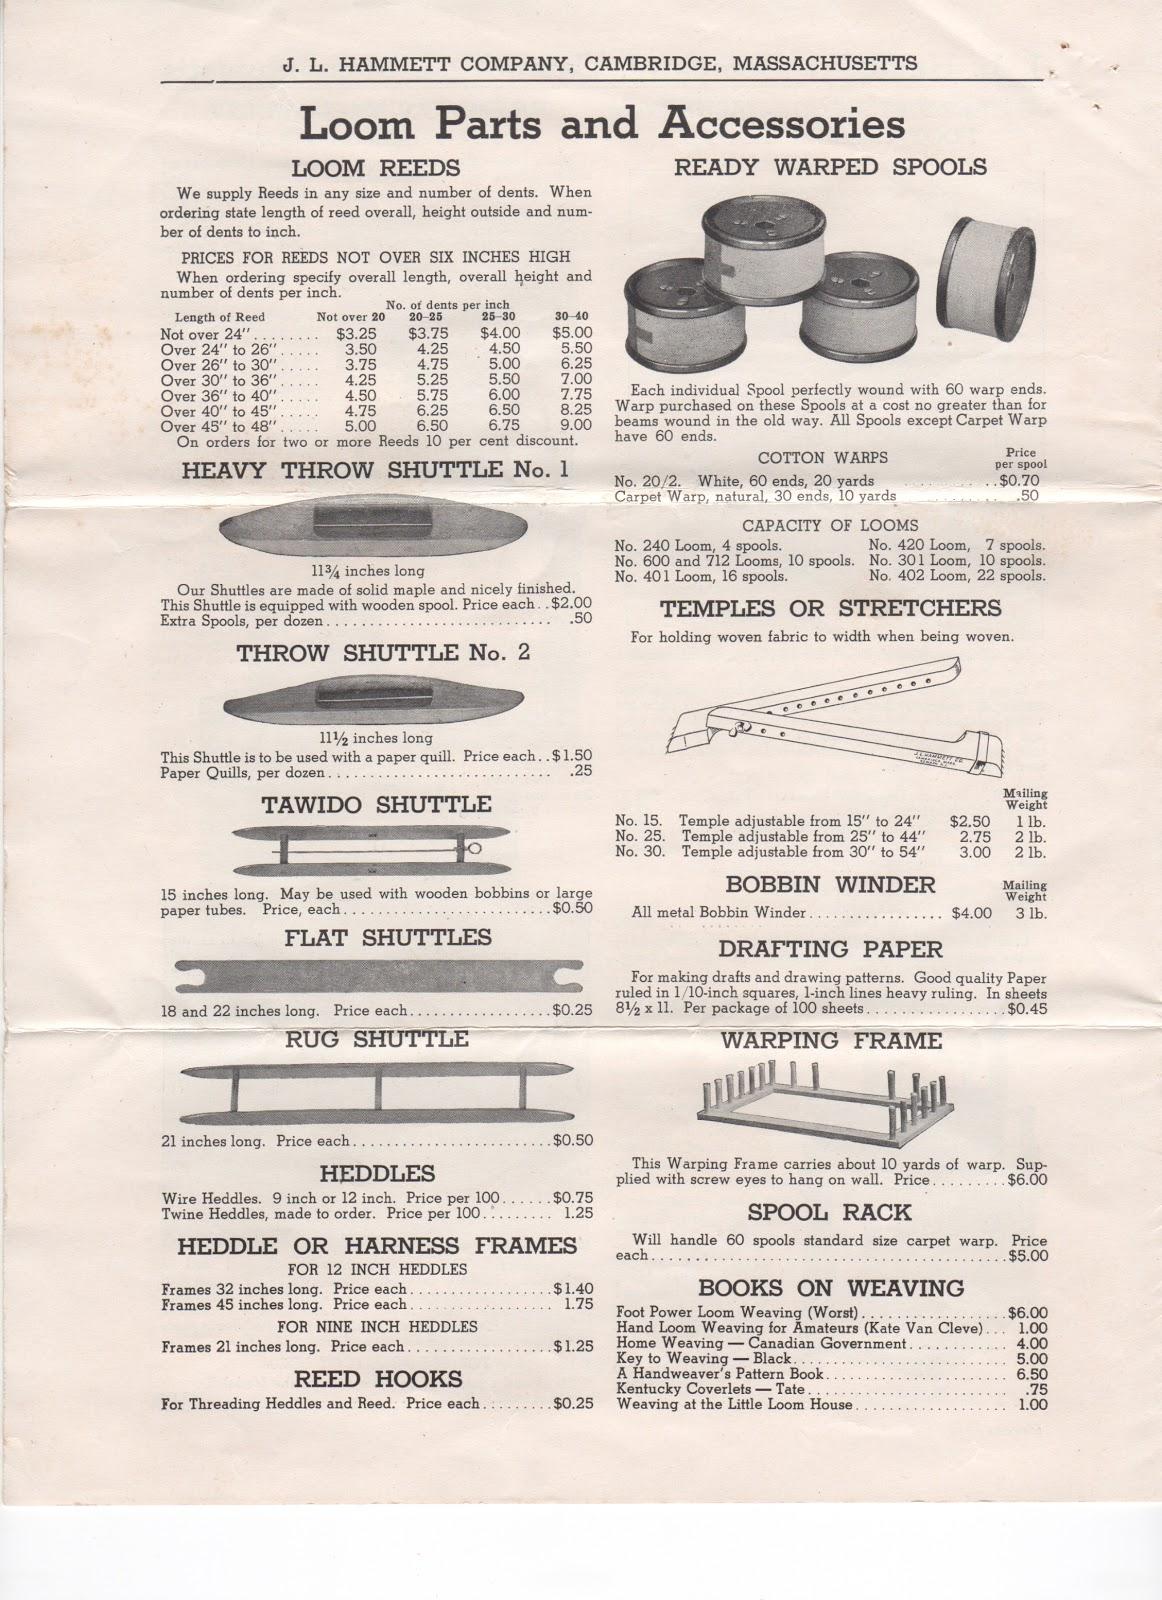 Hammett loom manual